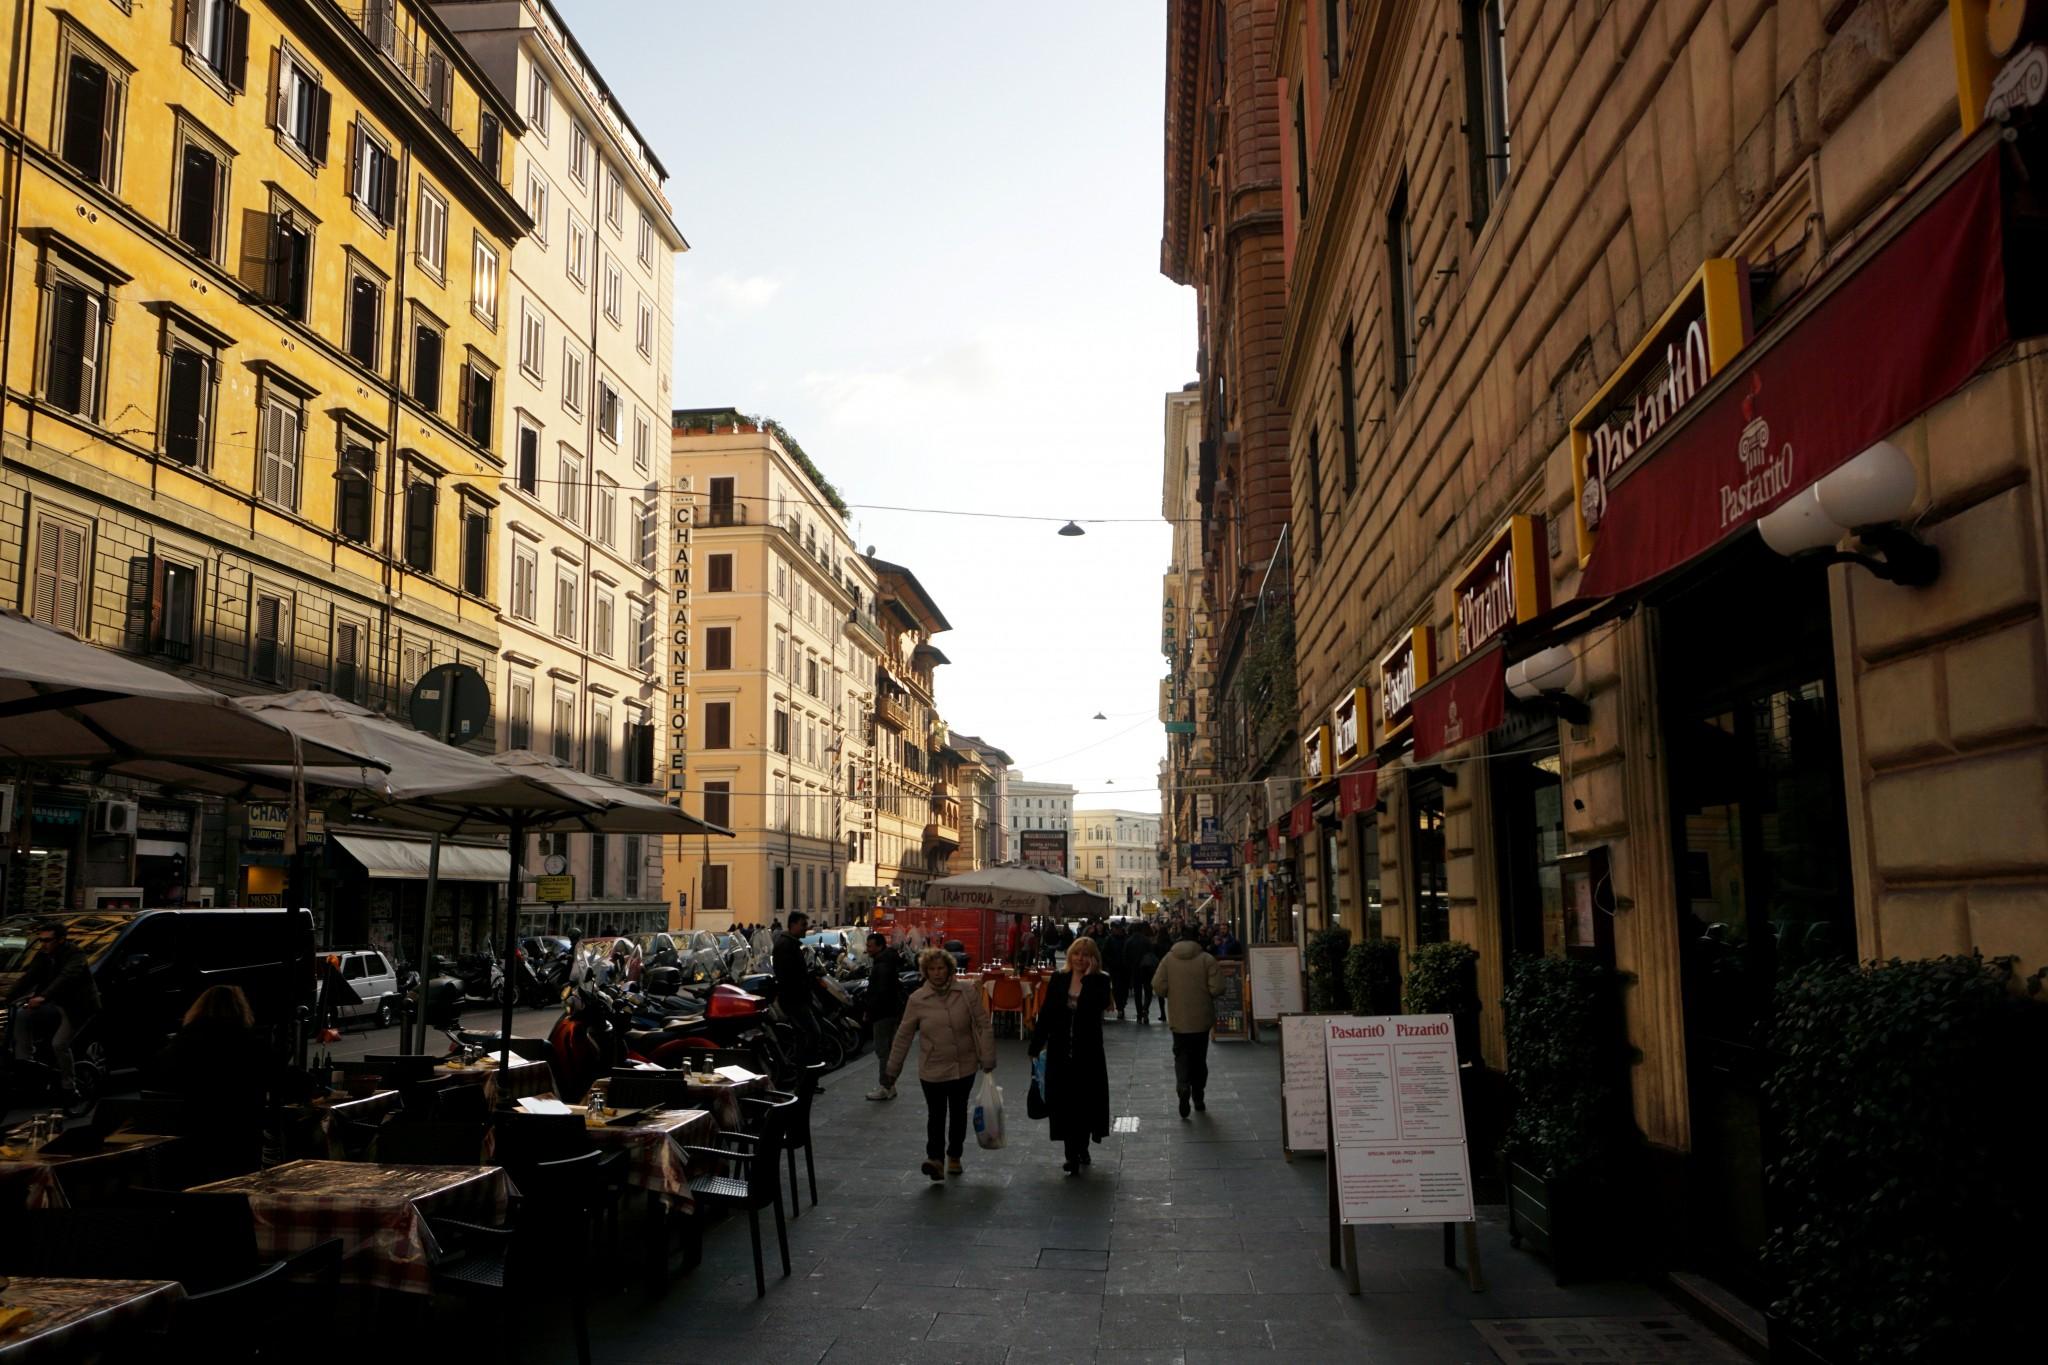 Rzym - okolice dworca Terminus